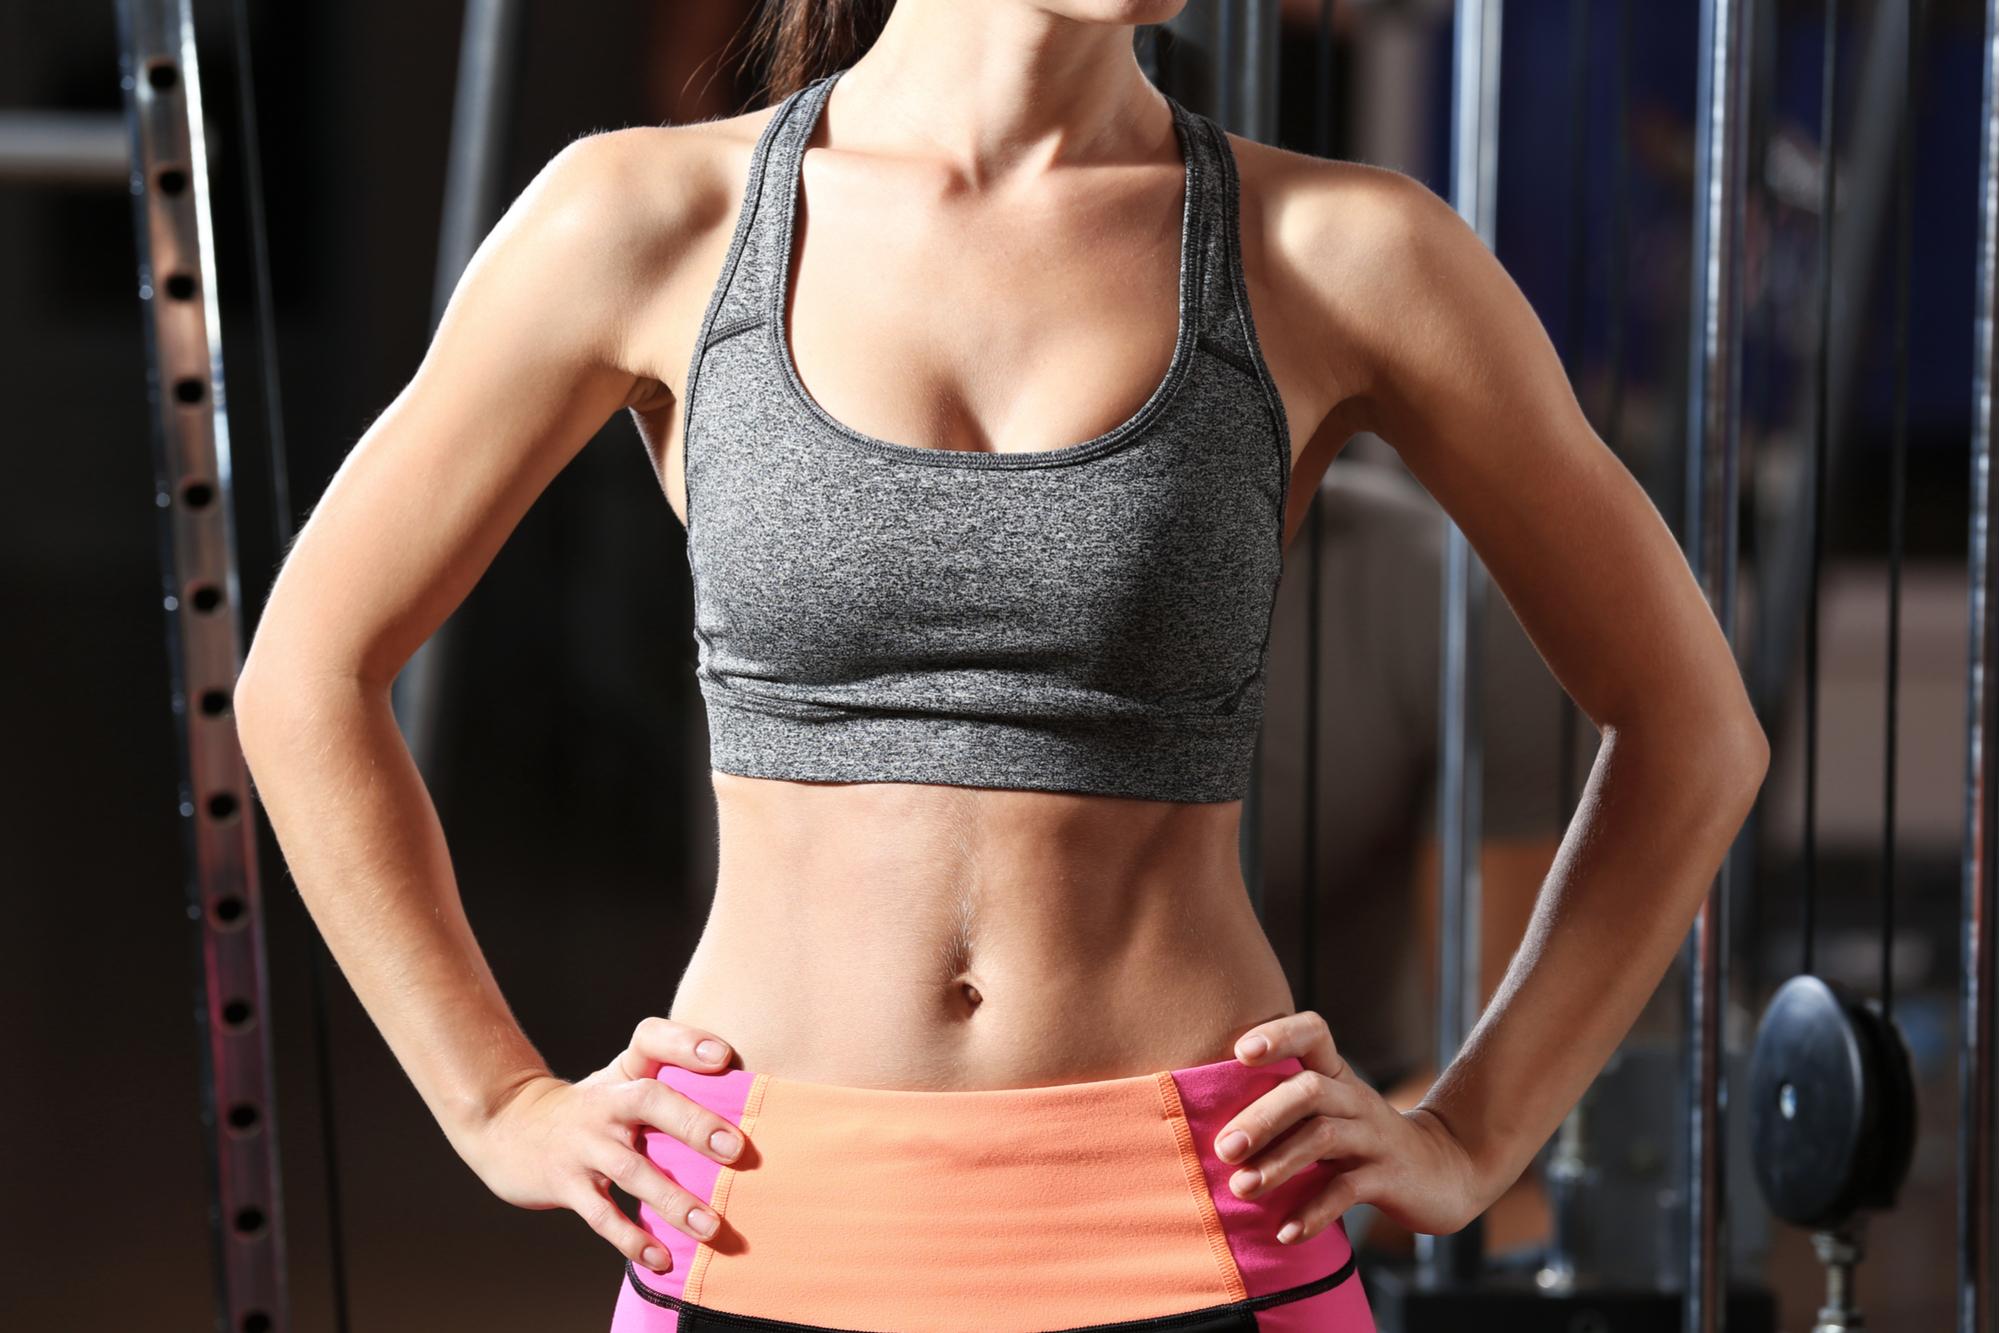 体脂肪率 女性 平均 理想 20代 60代 比較